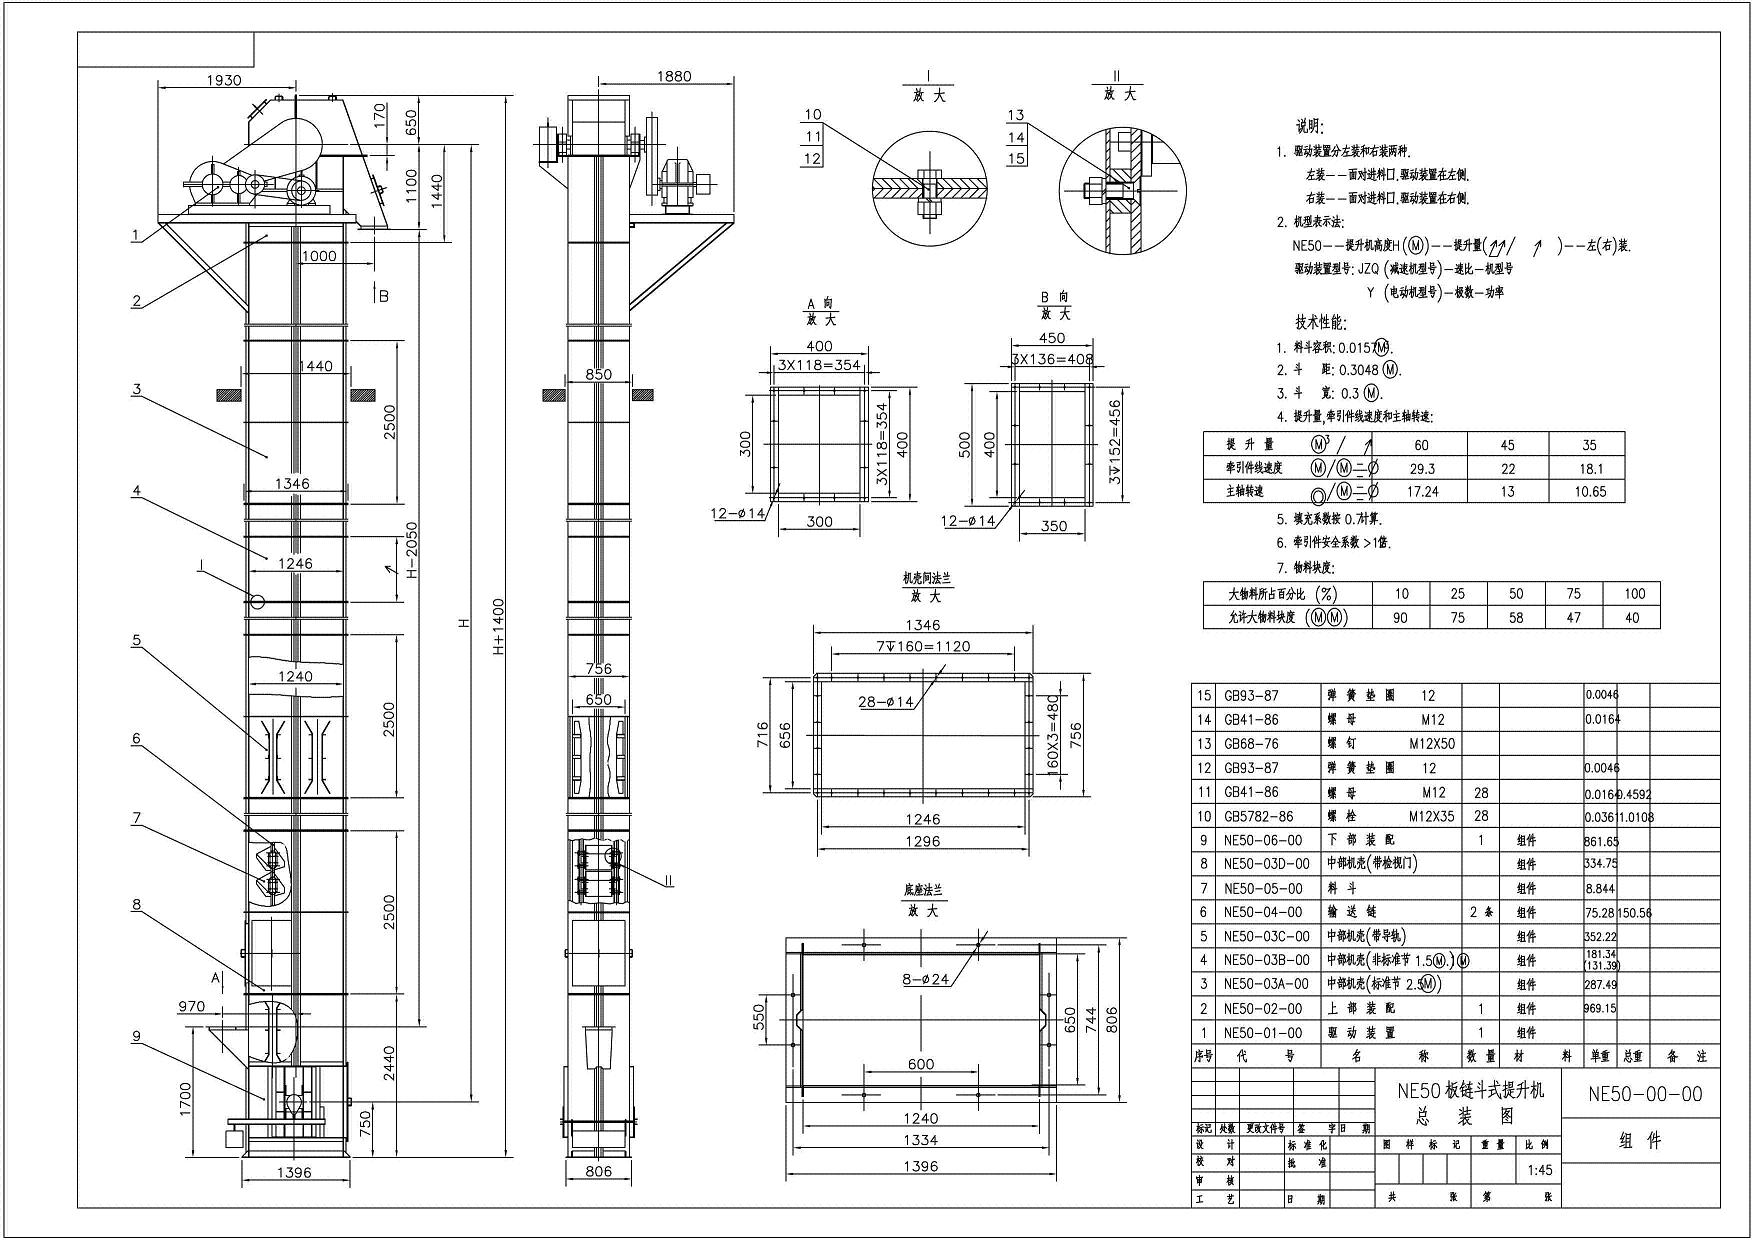 NE50斗式提升机外形图及地基尺寸